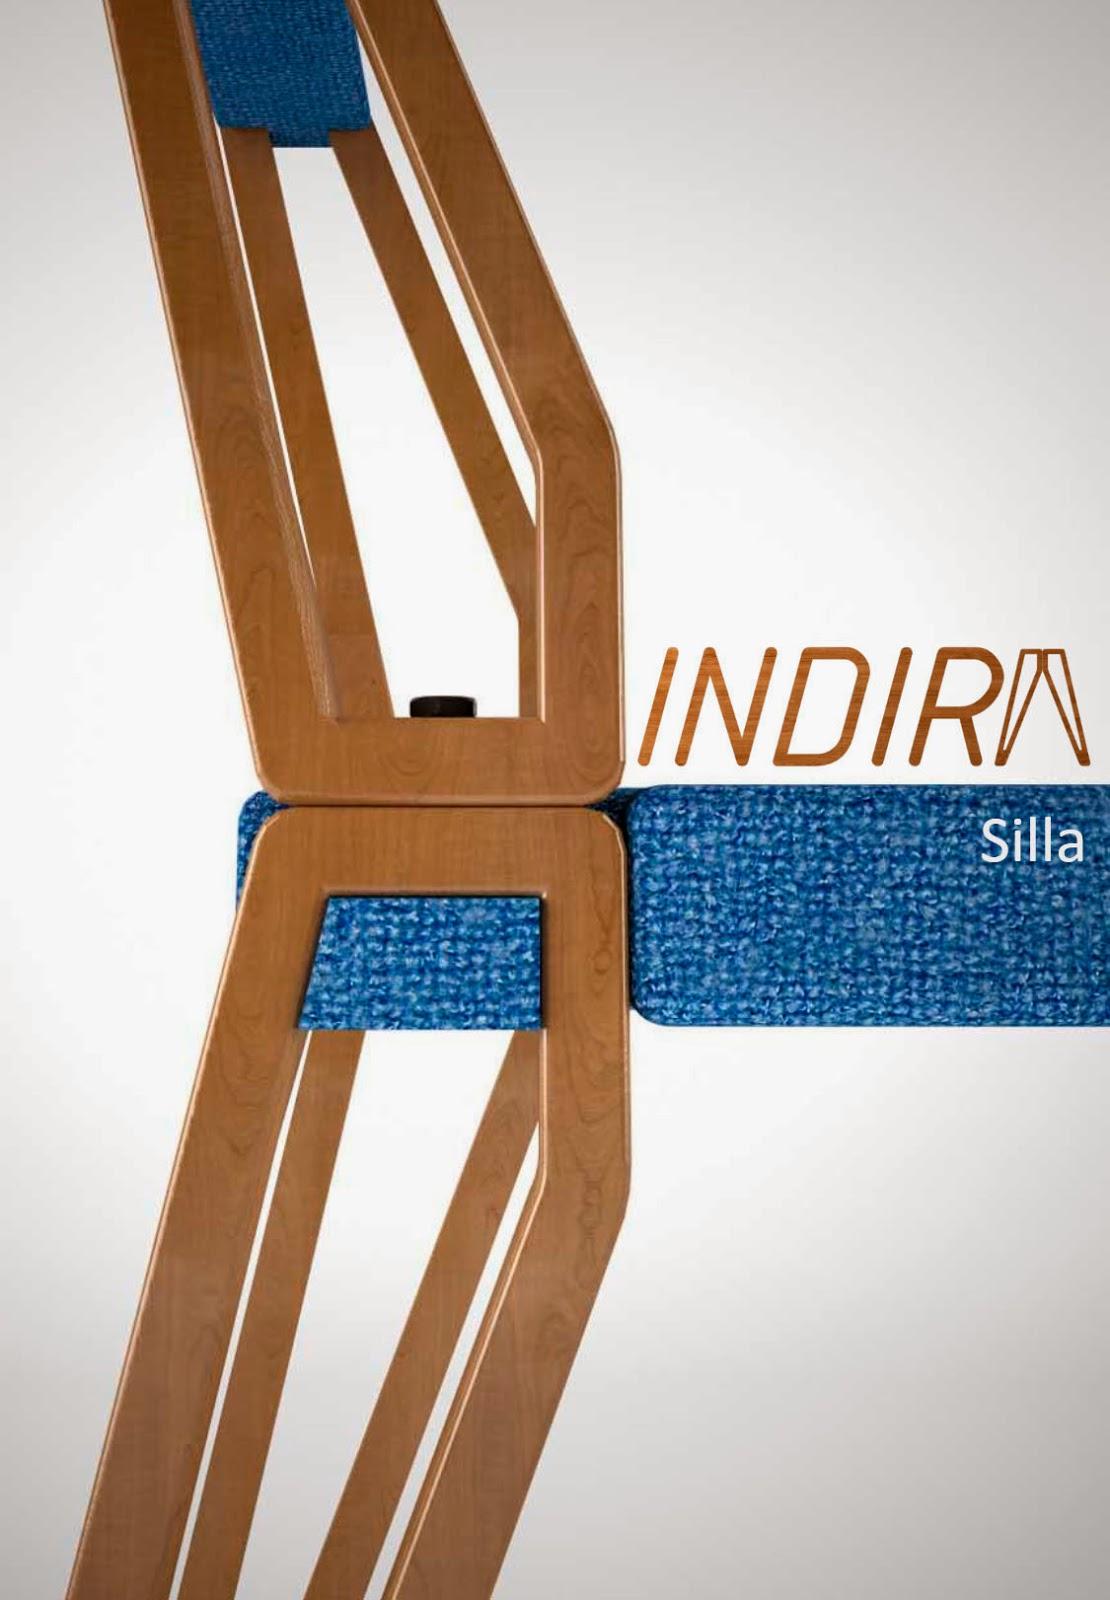 La forma moderna en latinoam rica silla indira arturo loro for Fabricantes sillas peru